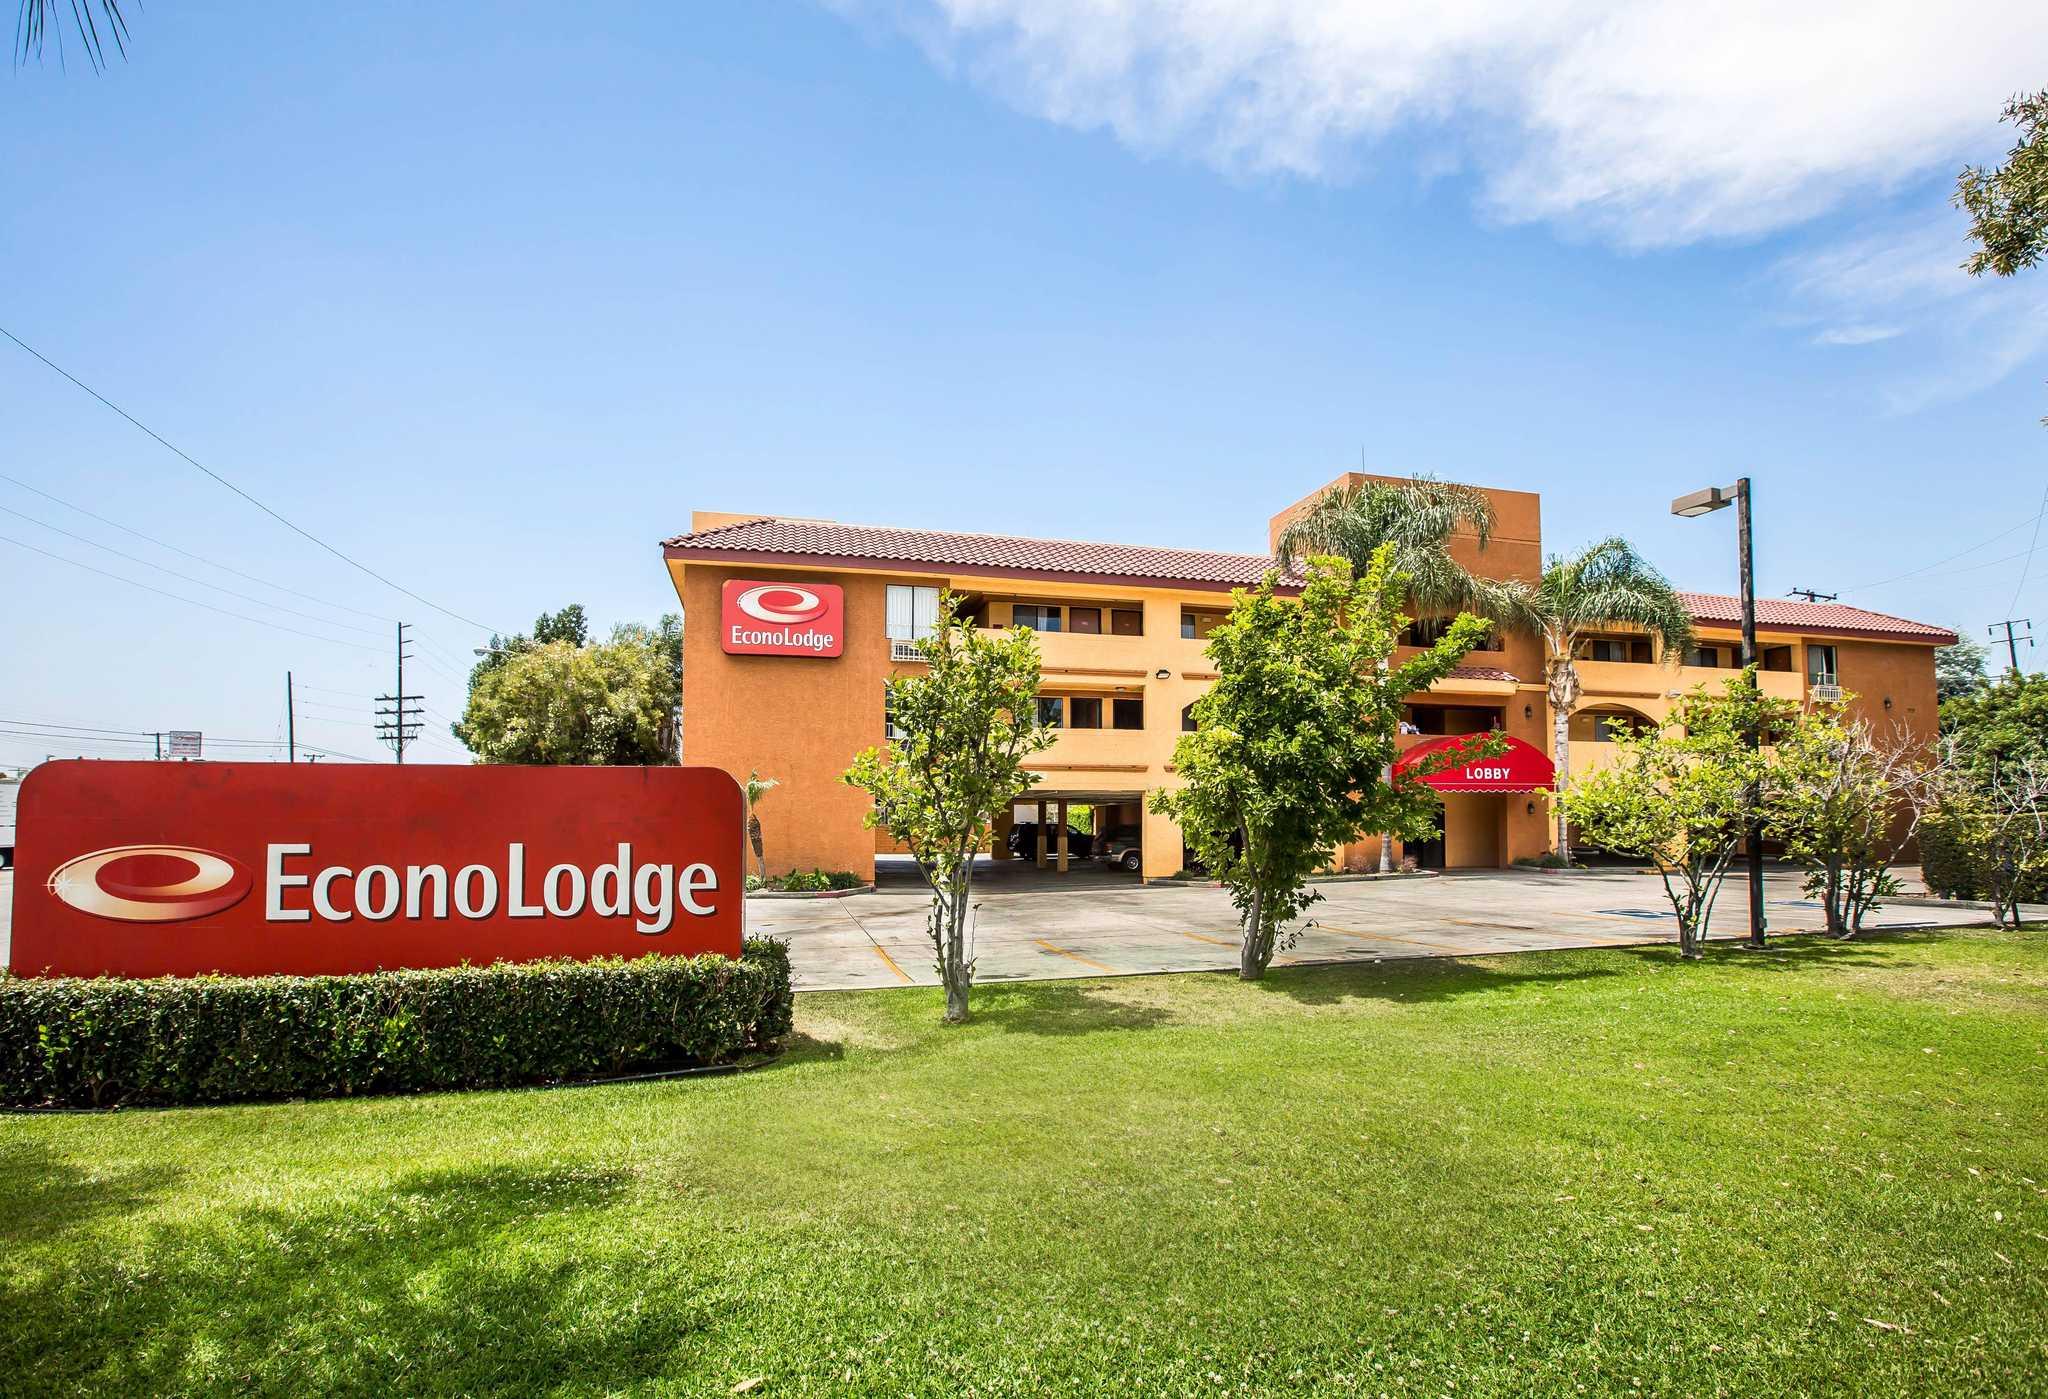 Hotels Near Pico Rivera Ca